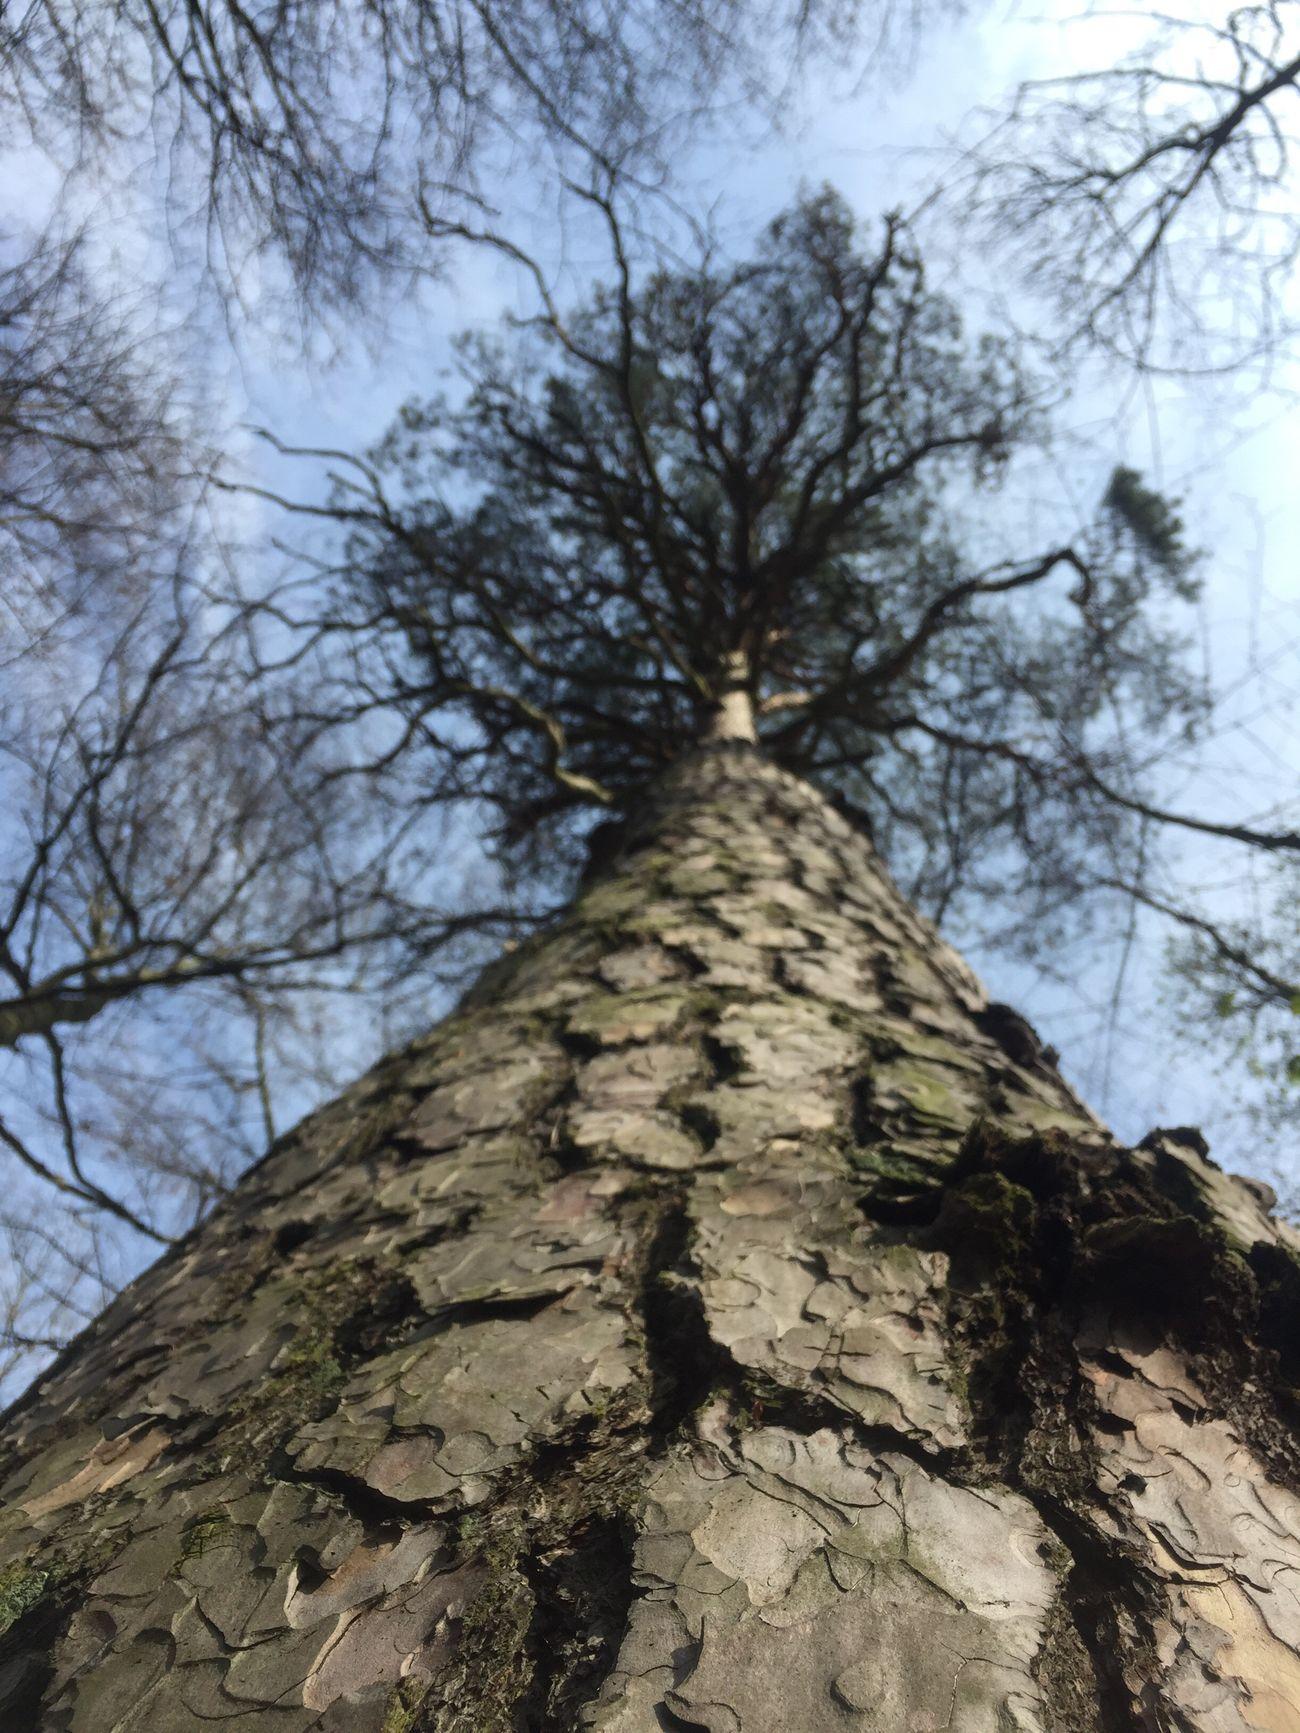 Einfach mal in den Wald gehen.... tief durchatmen und auf die kleinen Dinge im Leben achten denn darauf kommt es an Tree Sky Nature No People Day Outdoors Beauty In Nature First Eyeem Photo